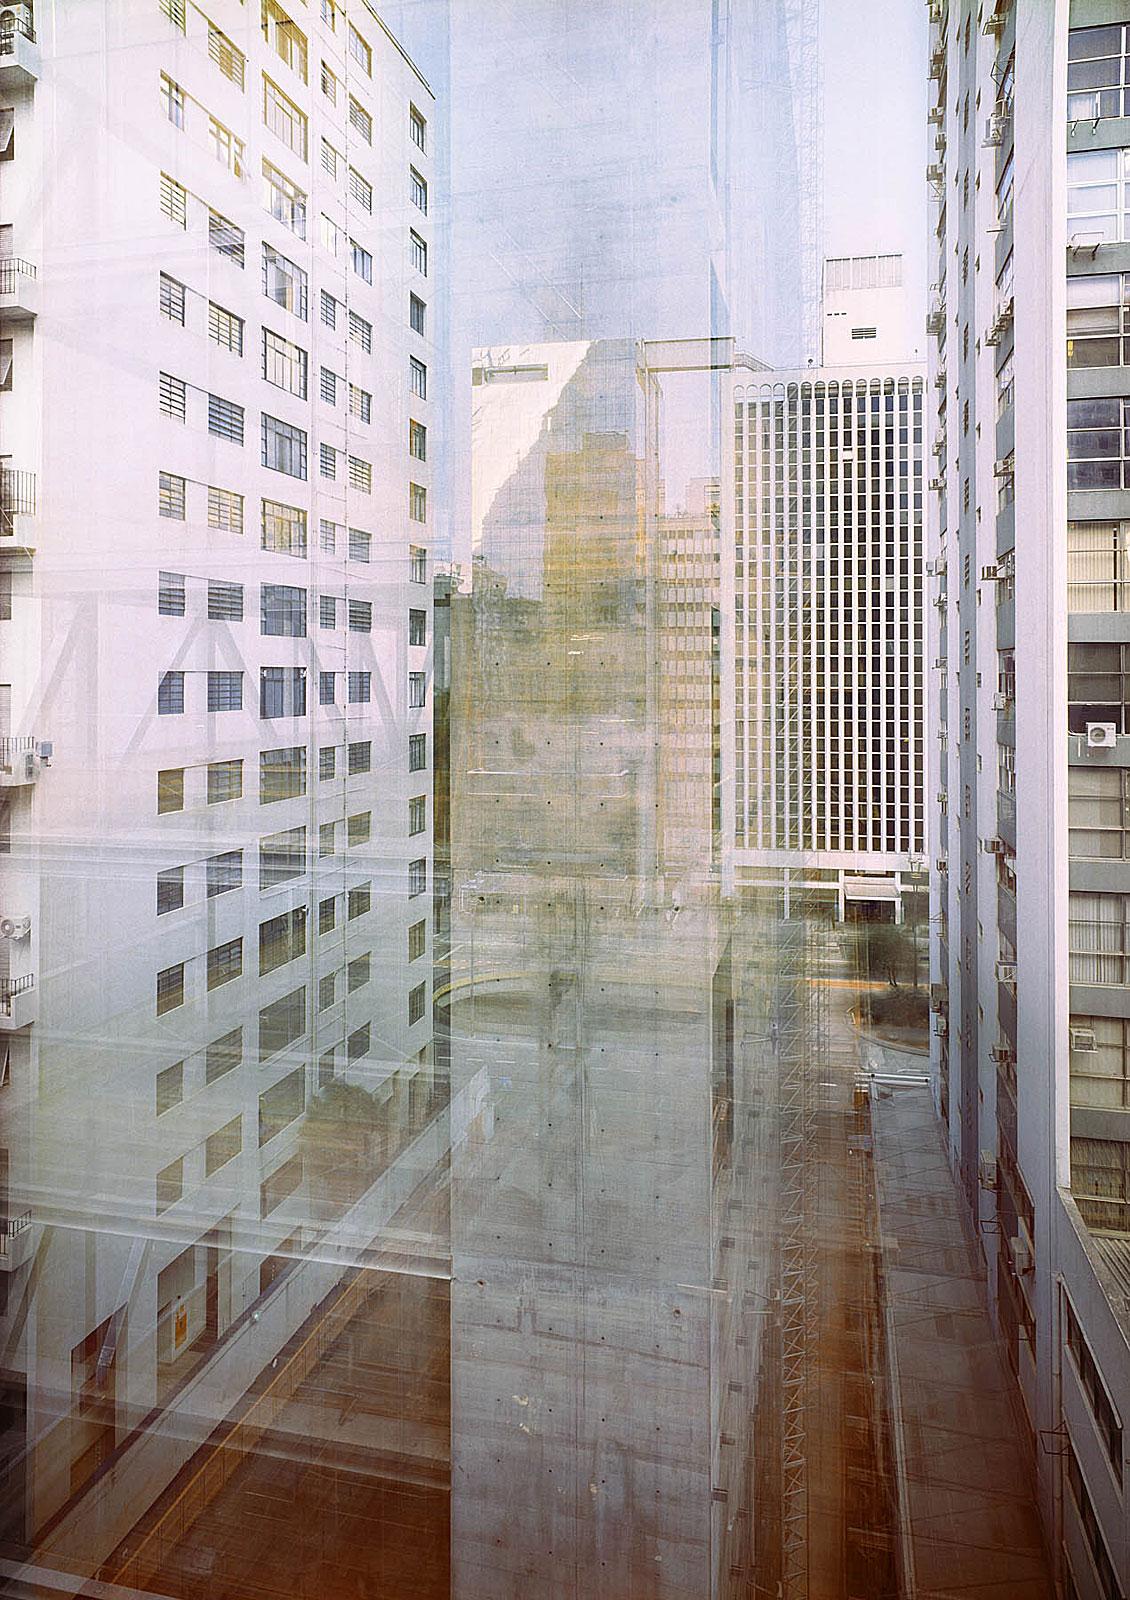 IMS, São Paulo (13.12.2014 - 22.5.2017)